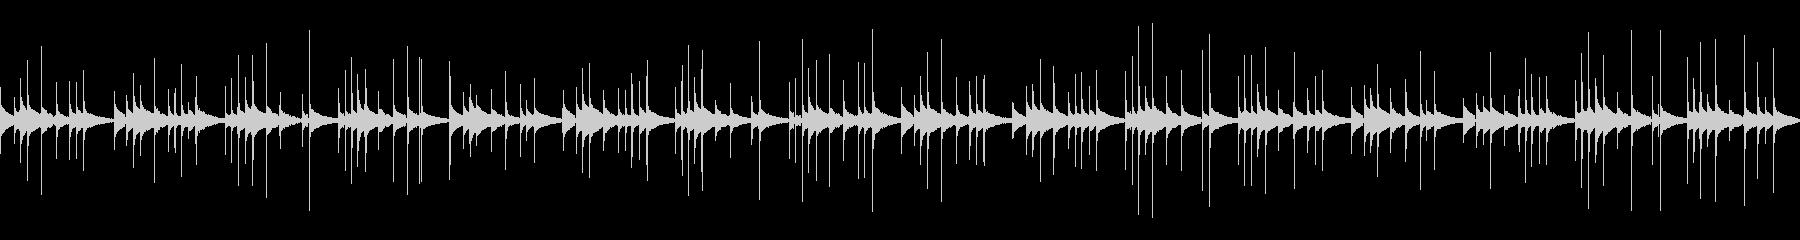 ほのぼのした民族的カリンバの未再生の波形